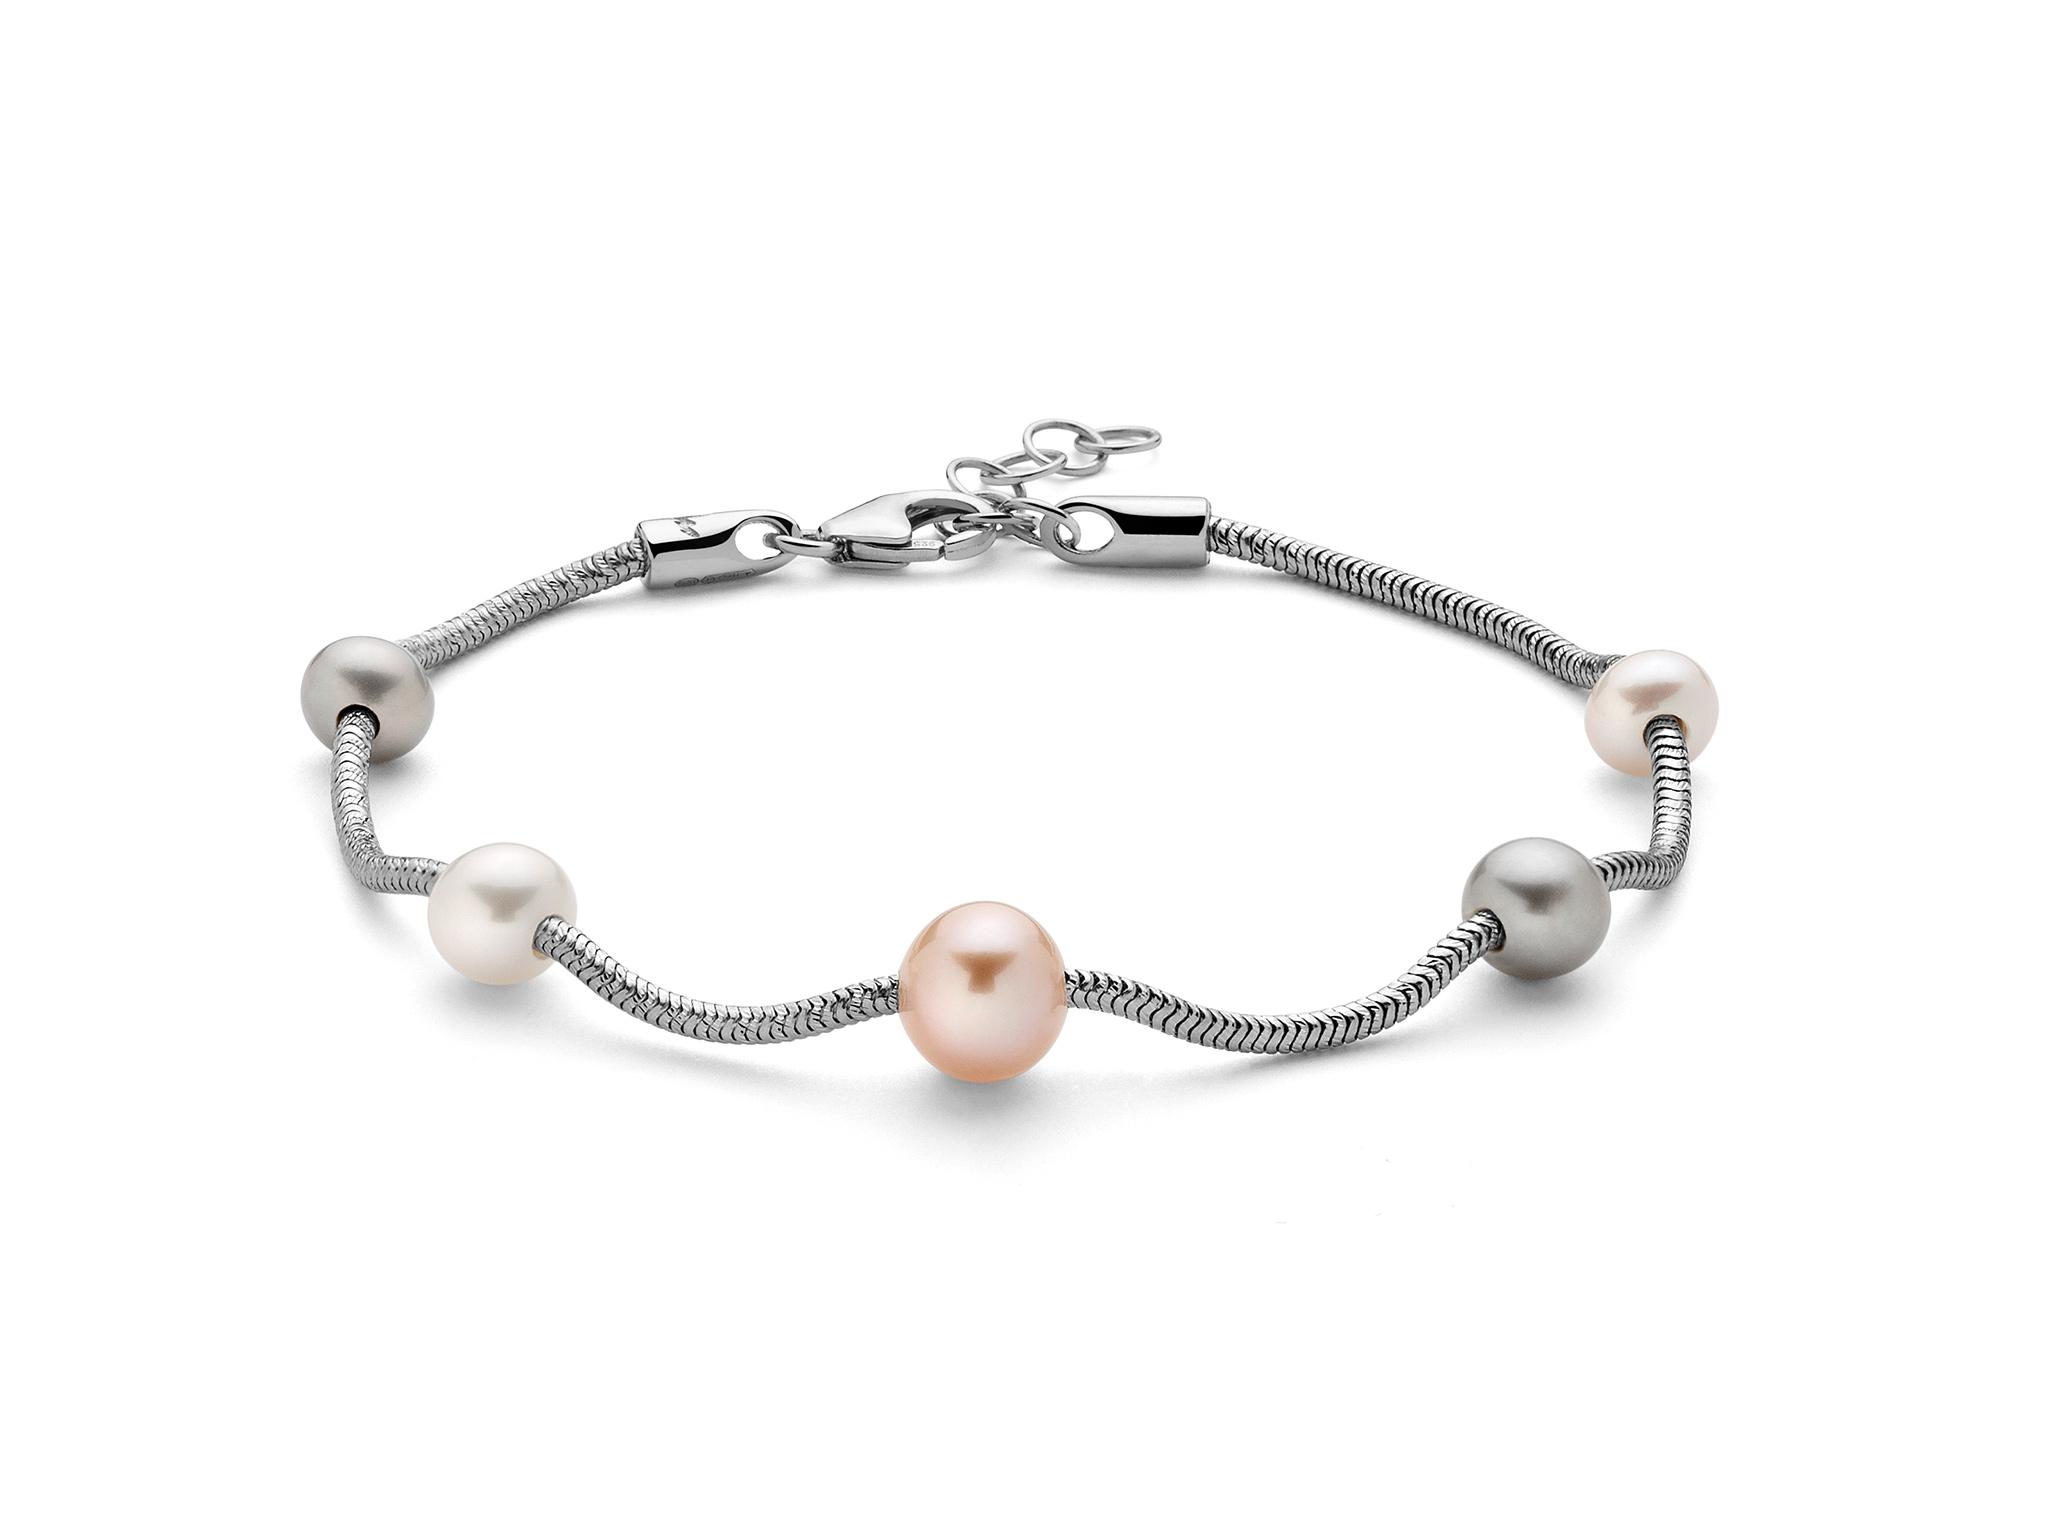 Bracciale monofilo in argento con perle multicolore - PBR2831